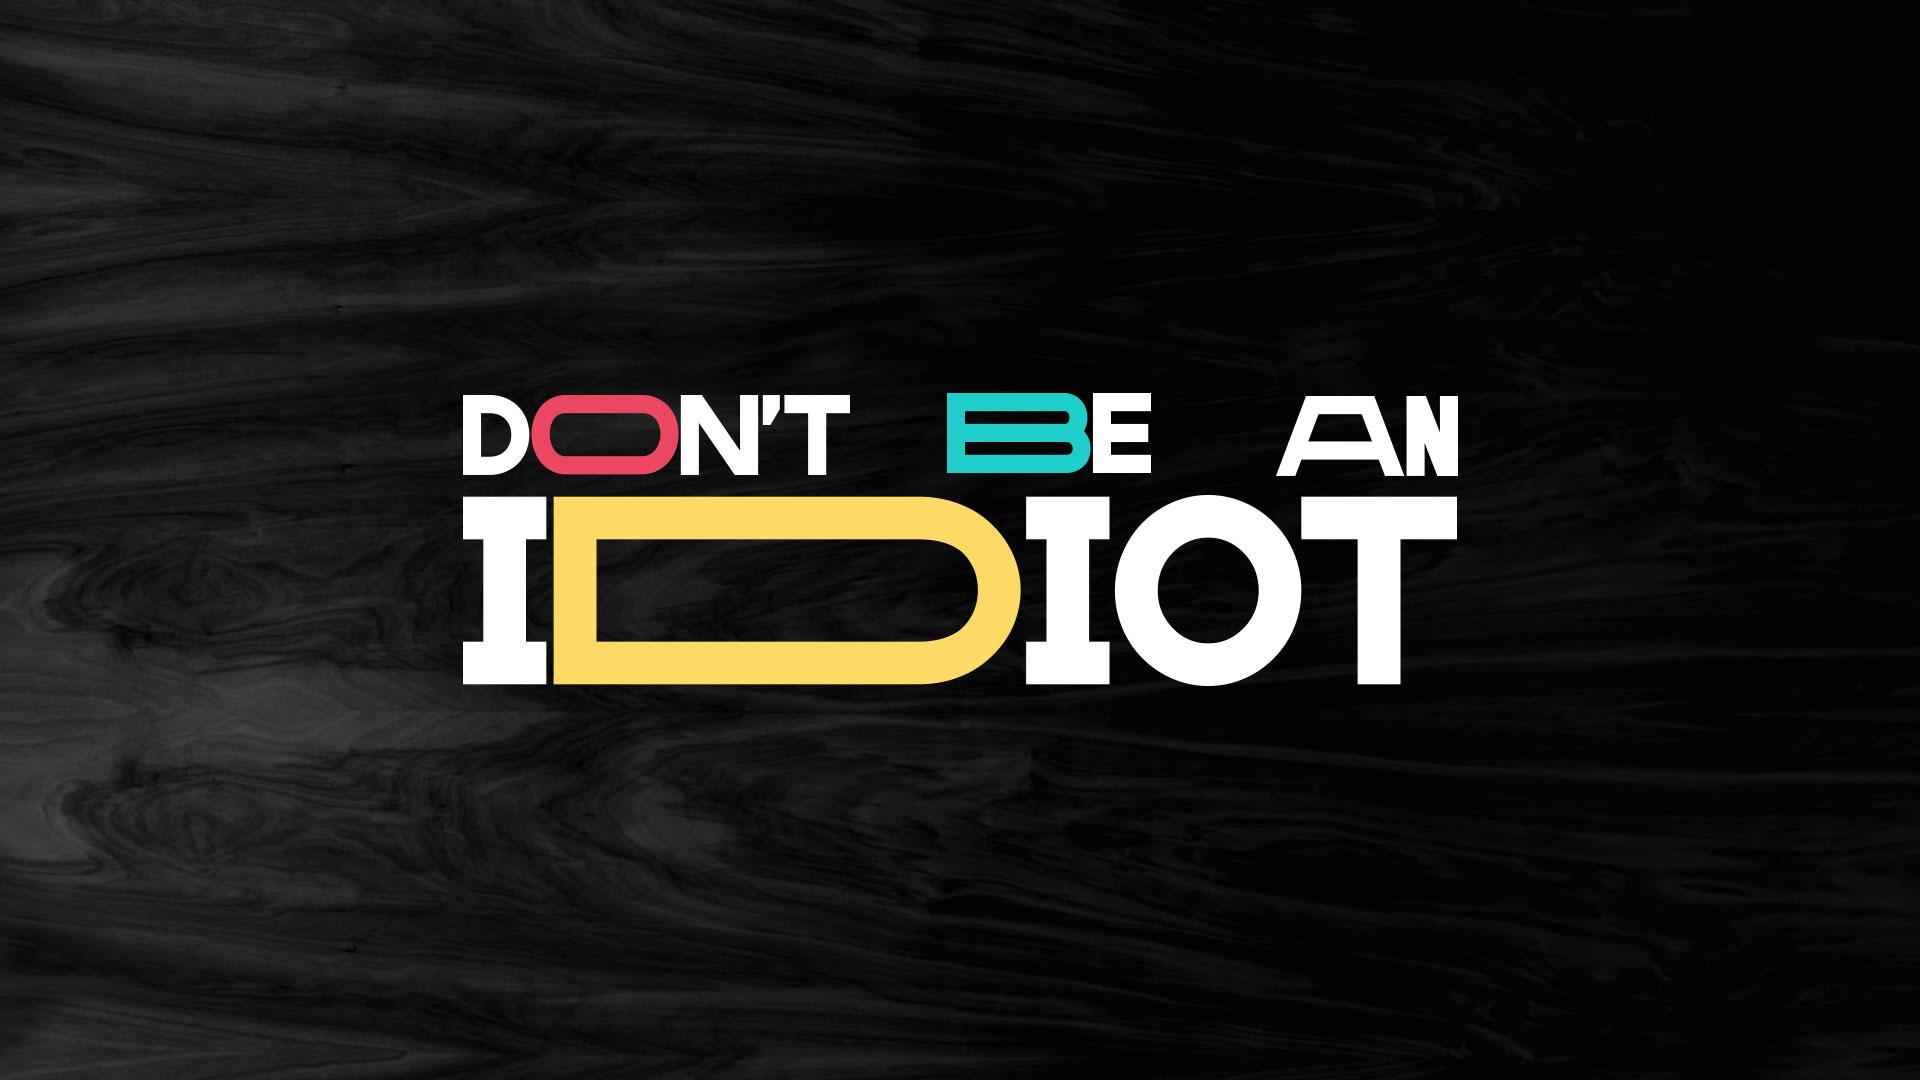 Don't be an Idiot